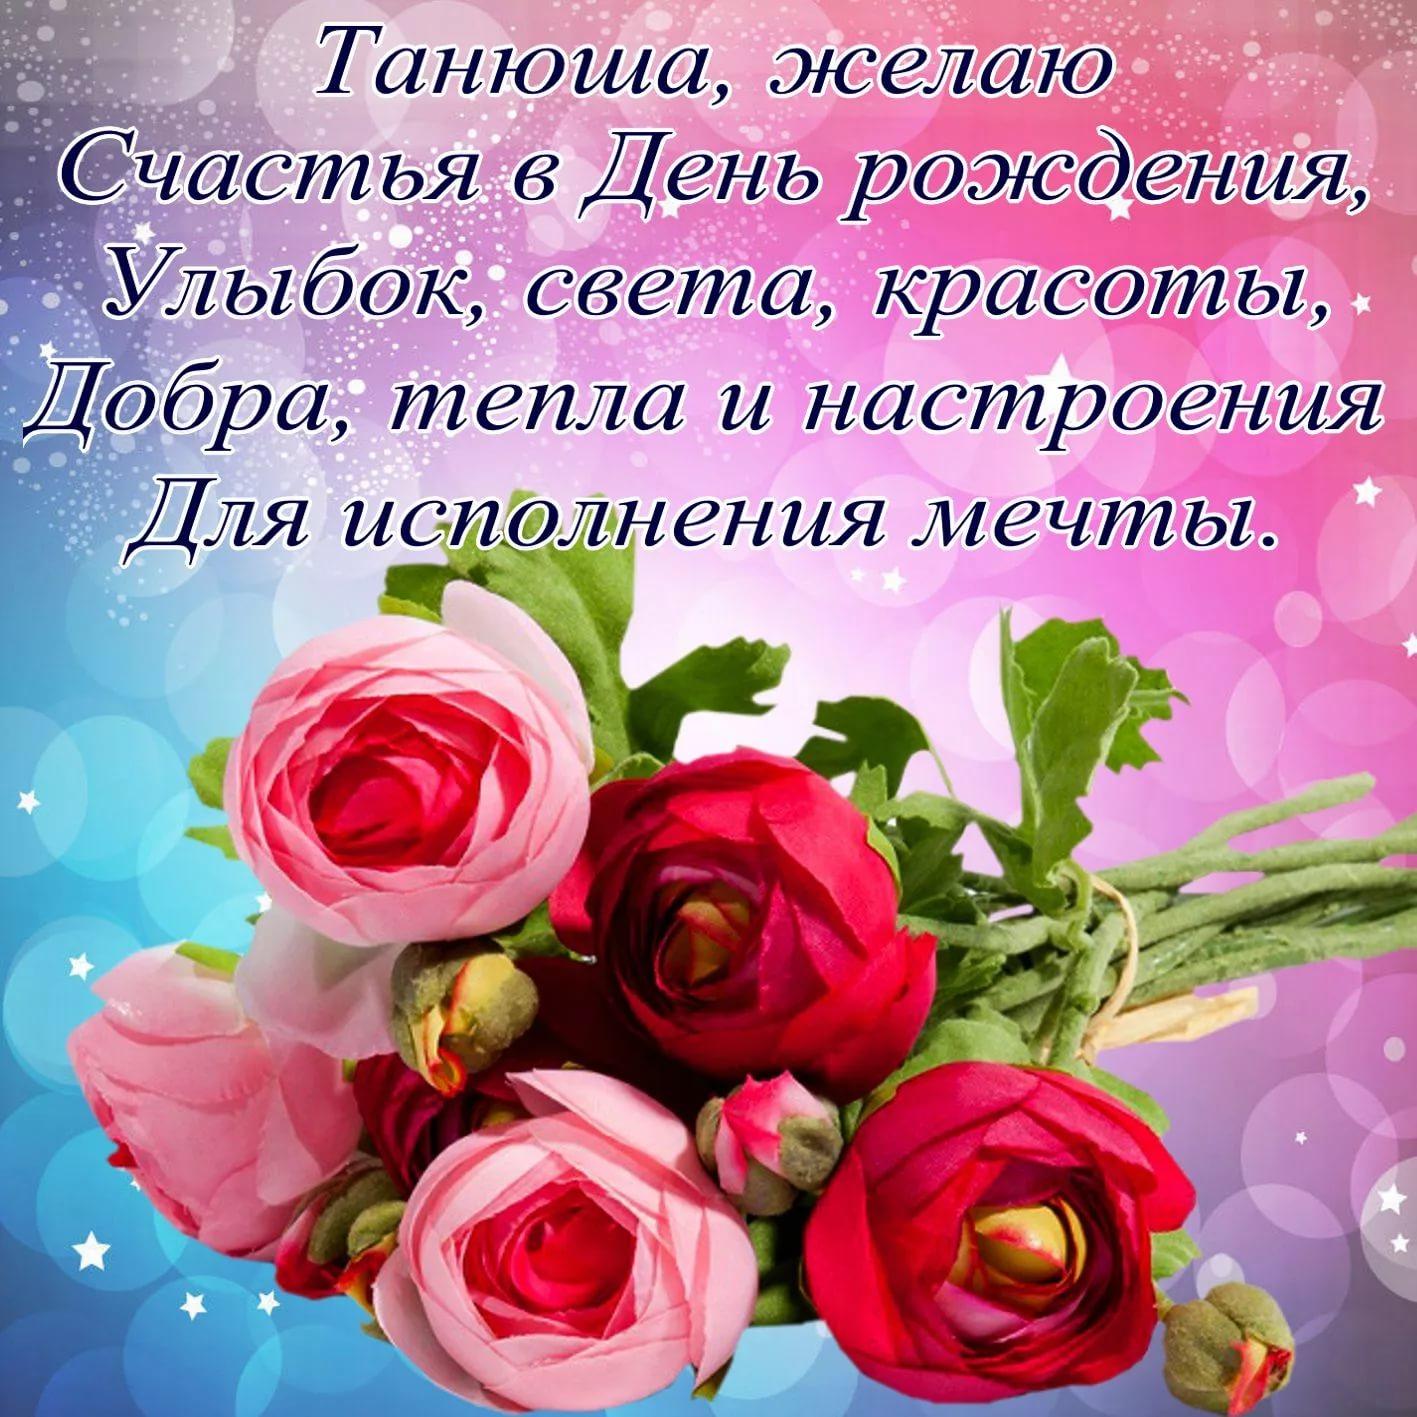 Добрые открытки с днем рождения женщине татьяна бесплатно 14